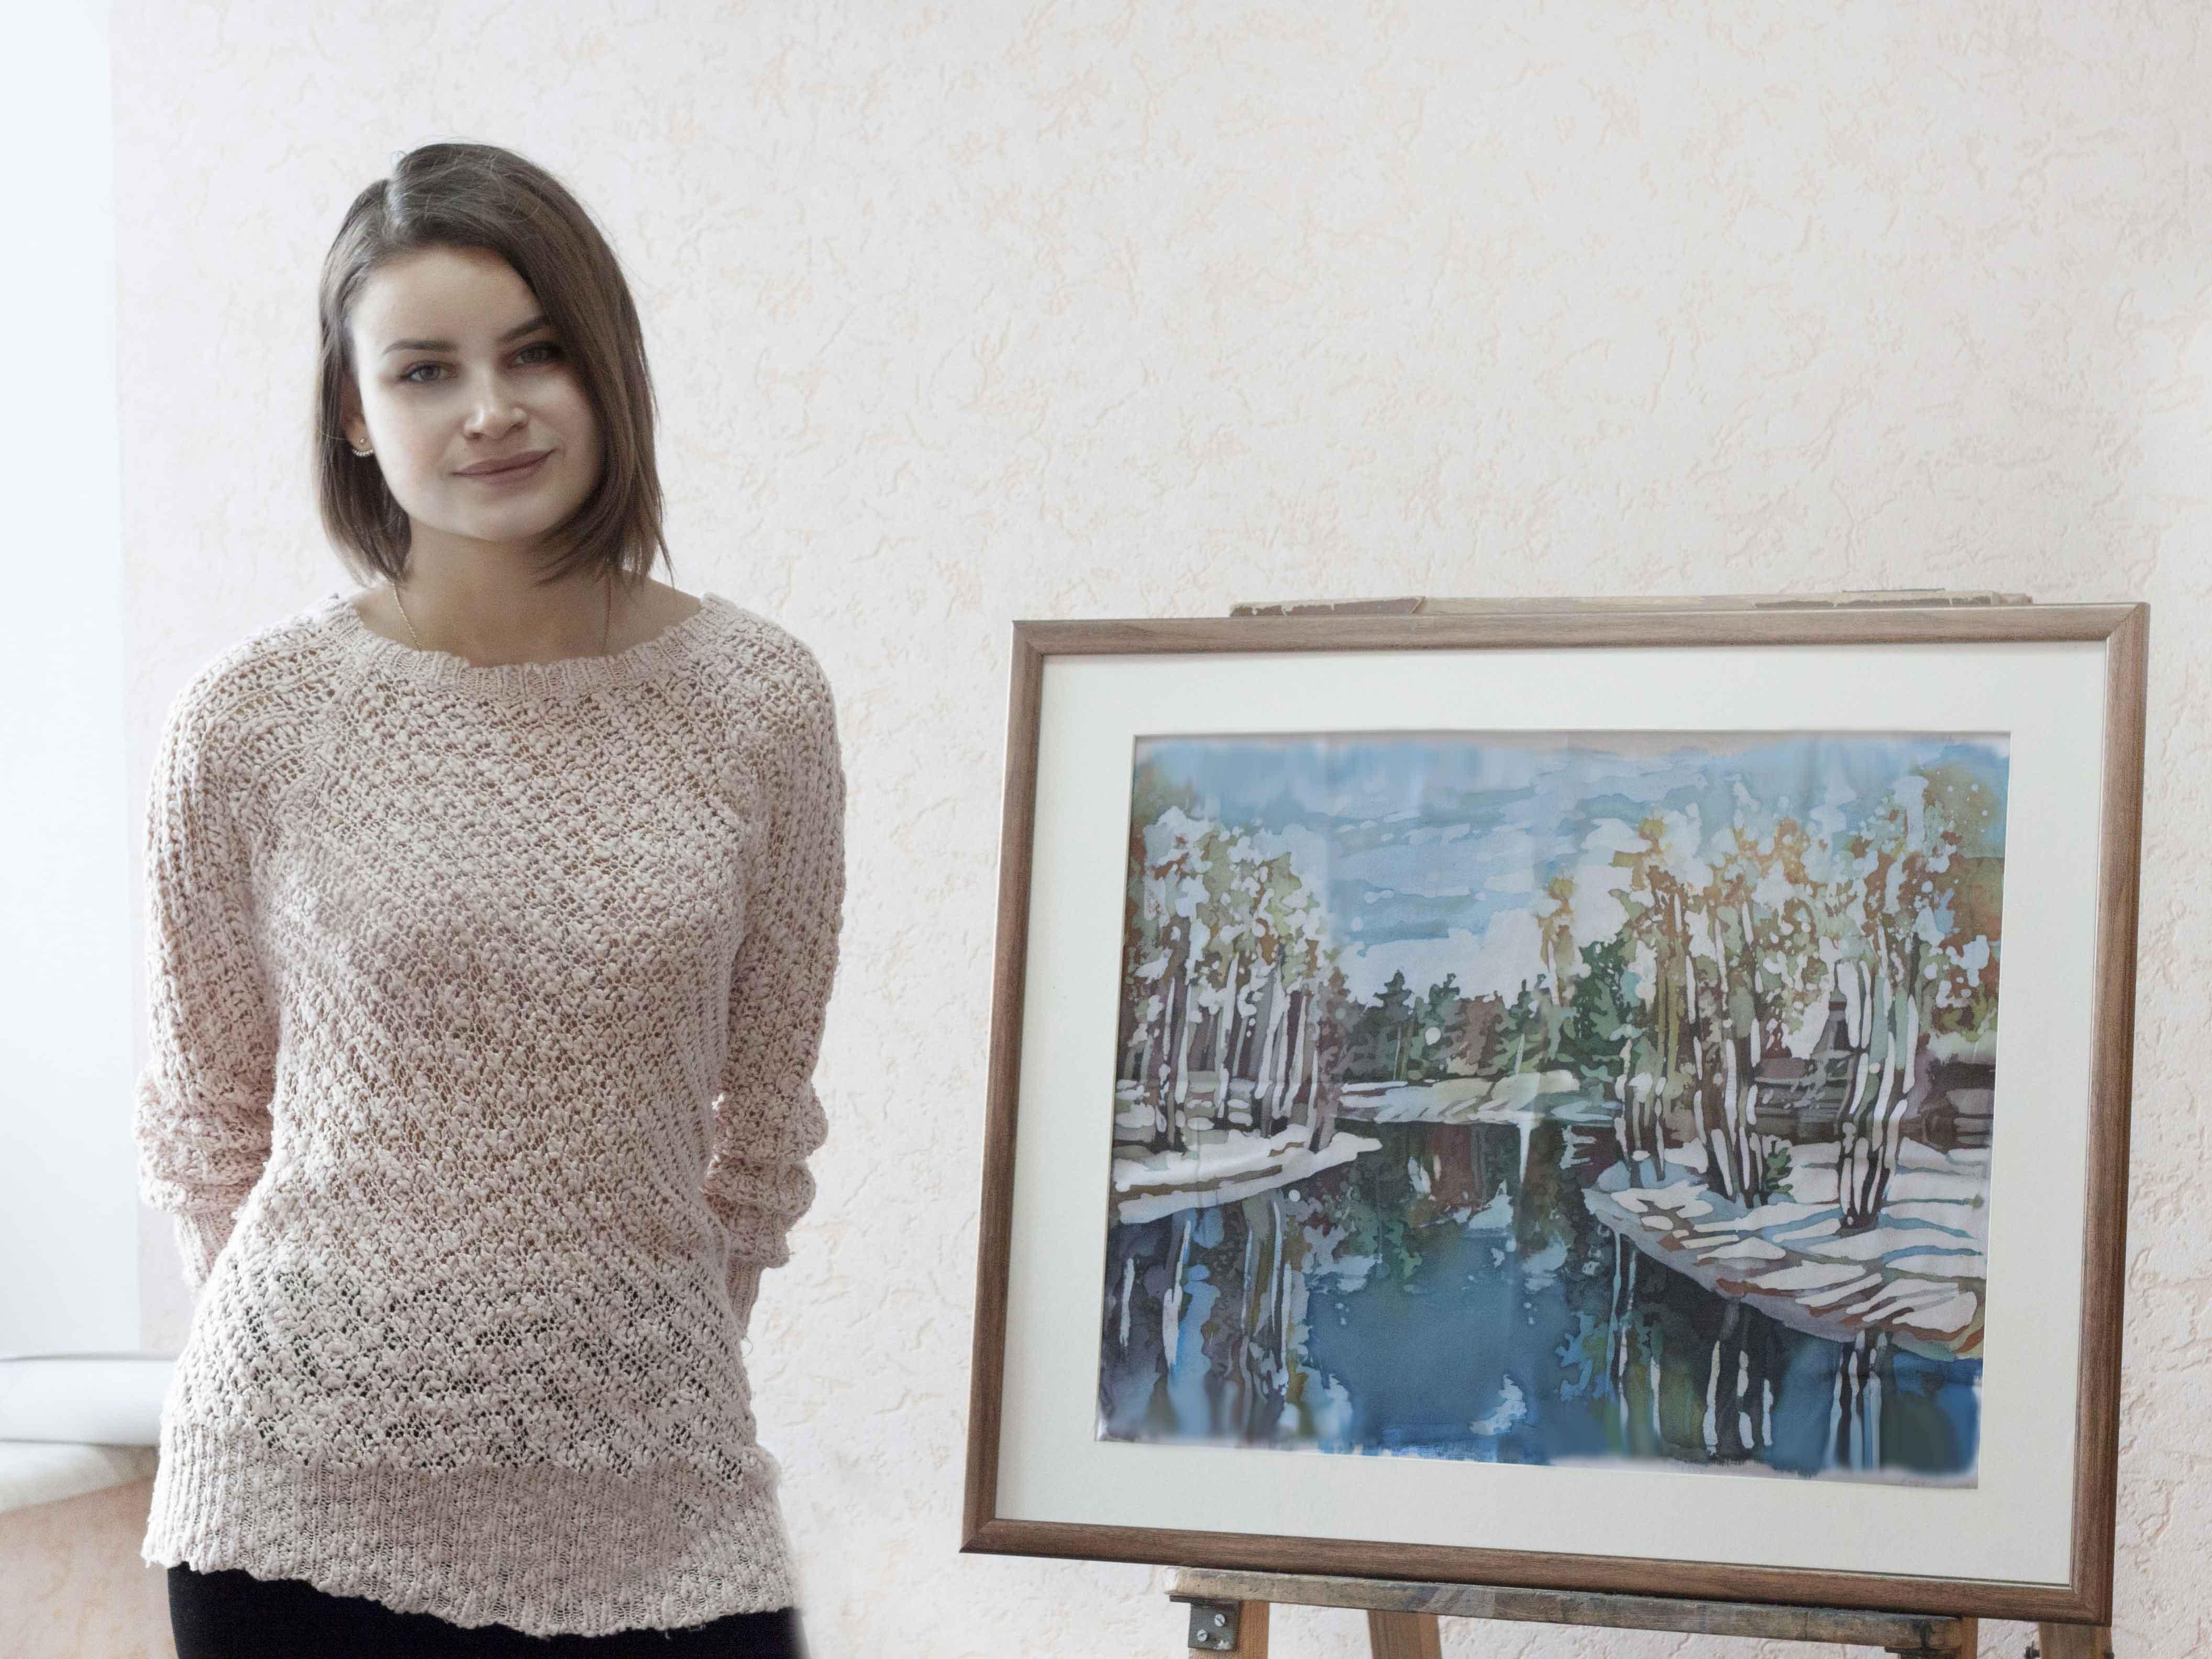 Студенты и преподаватели ФДИиМТ стали победителями на XXI Международной выставке-конкурсе современного искусства «Russian Art Week» в Москве